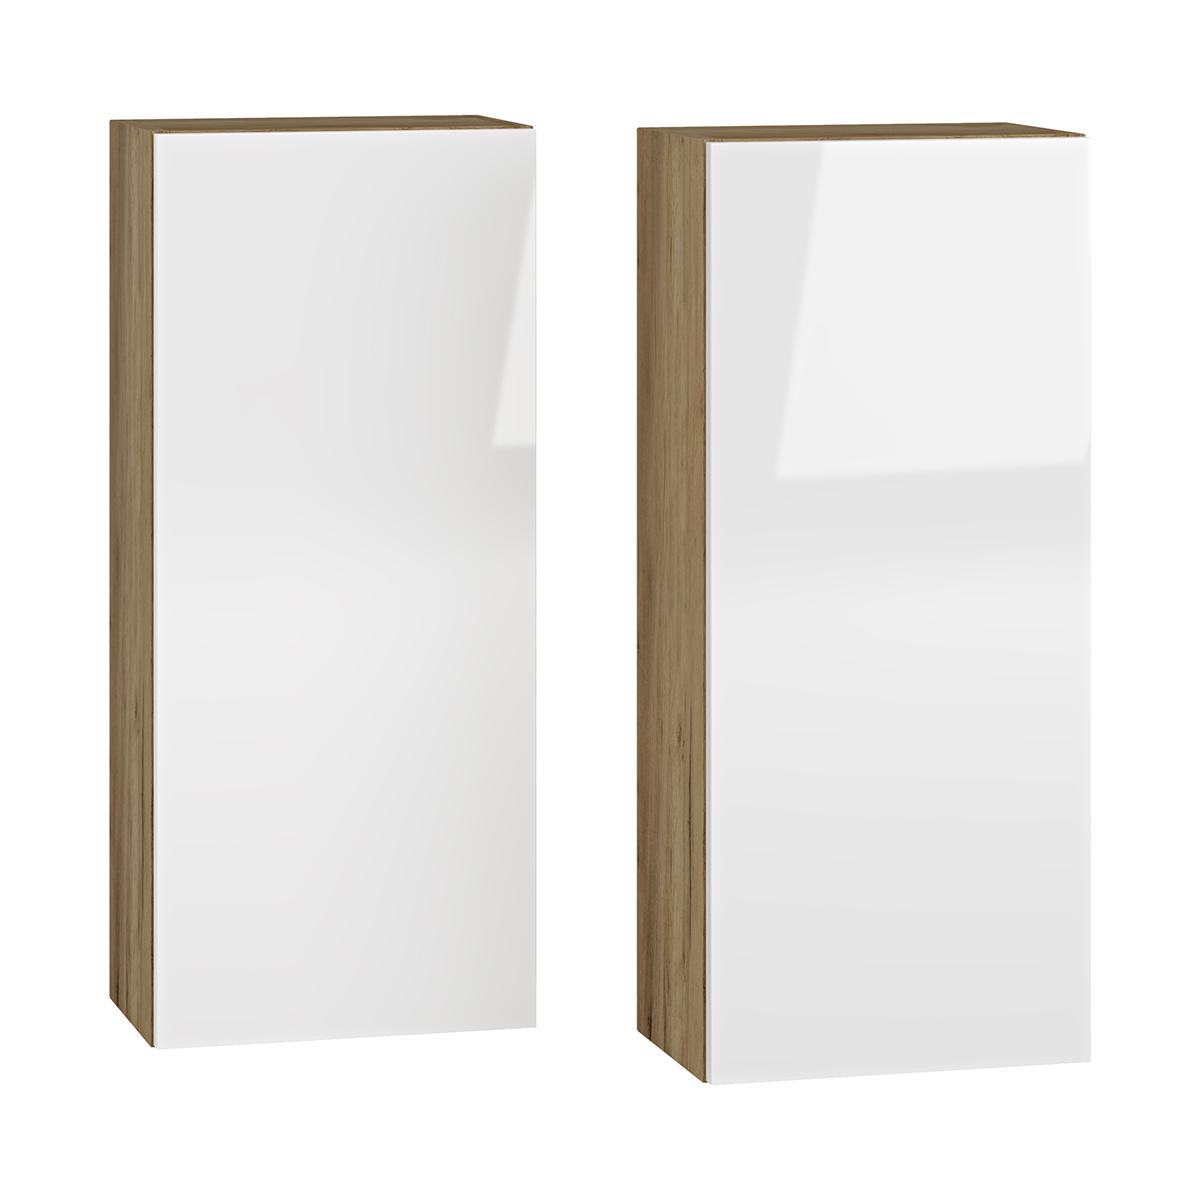 NABBI Baleta S2 kúpeľňová skrinka na stenu (2 ks) craft zlatý / biely lesk